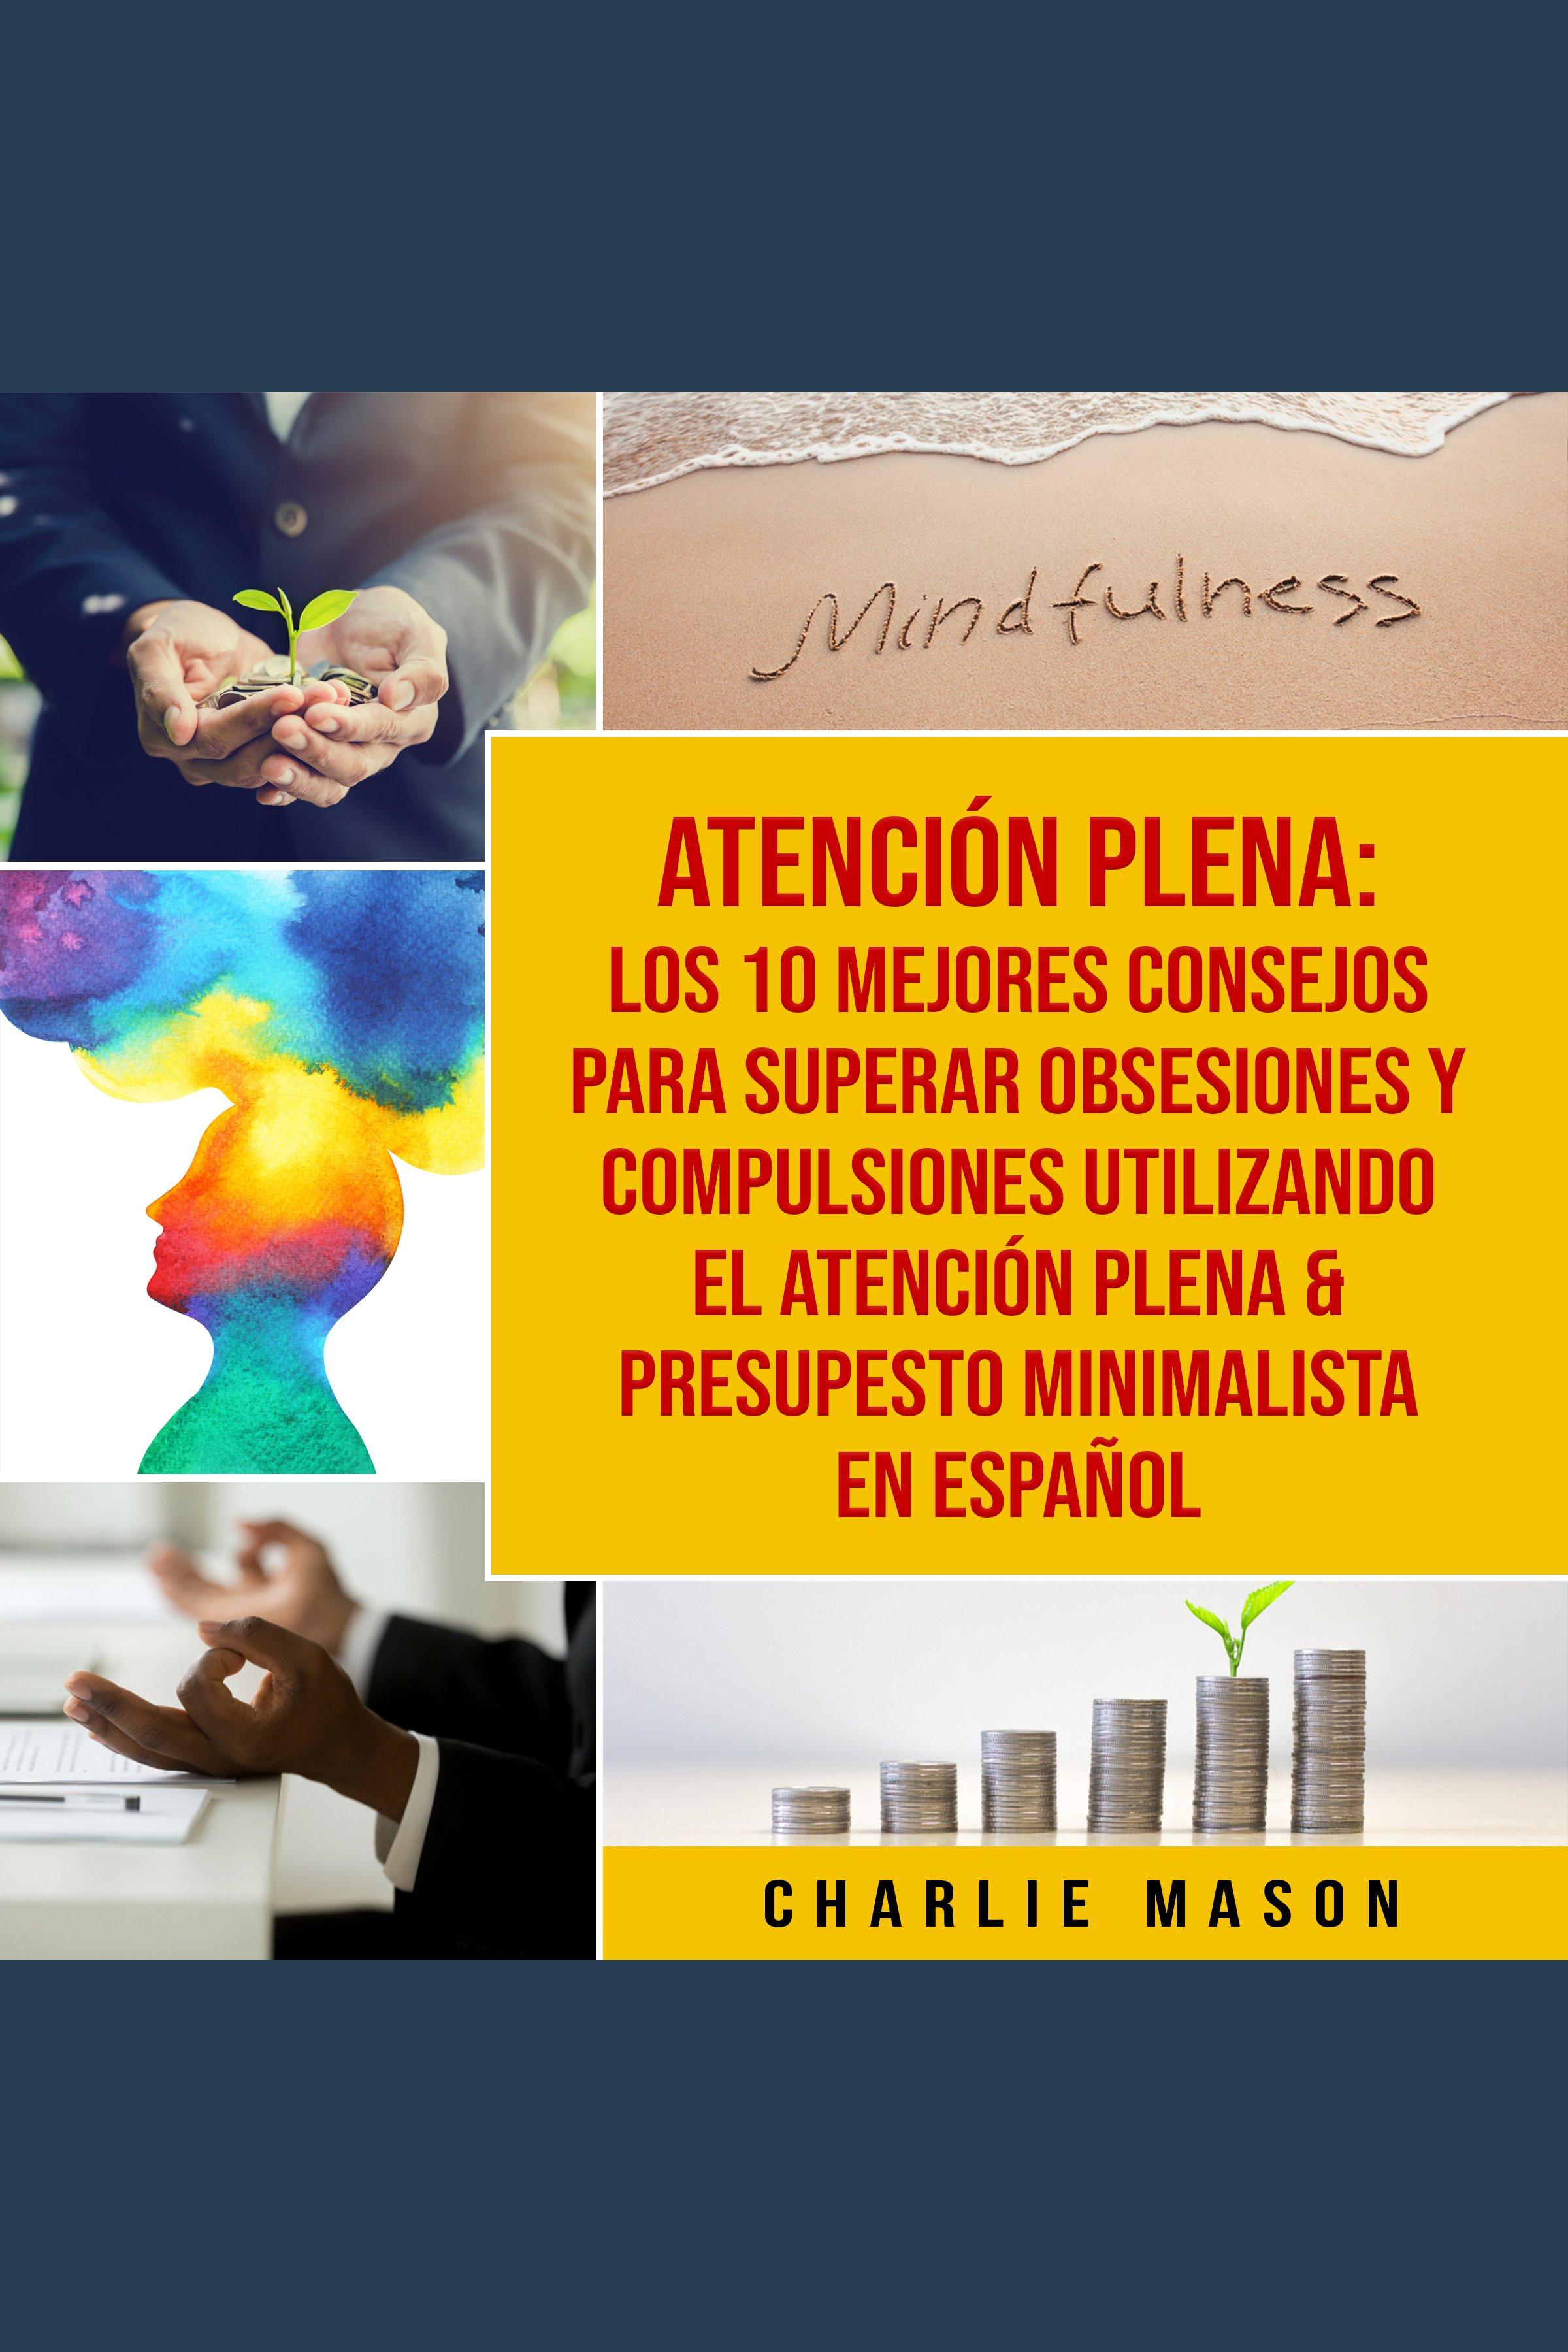 Esta es la portada del audiolibro Atención plena: Los 10 mejores consejos para superar obsesiones y compulsiones utilizando el Atención Plena & Presupesto Minimalista En Español